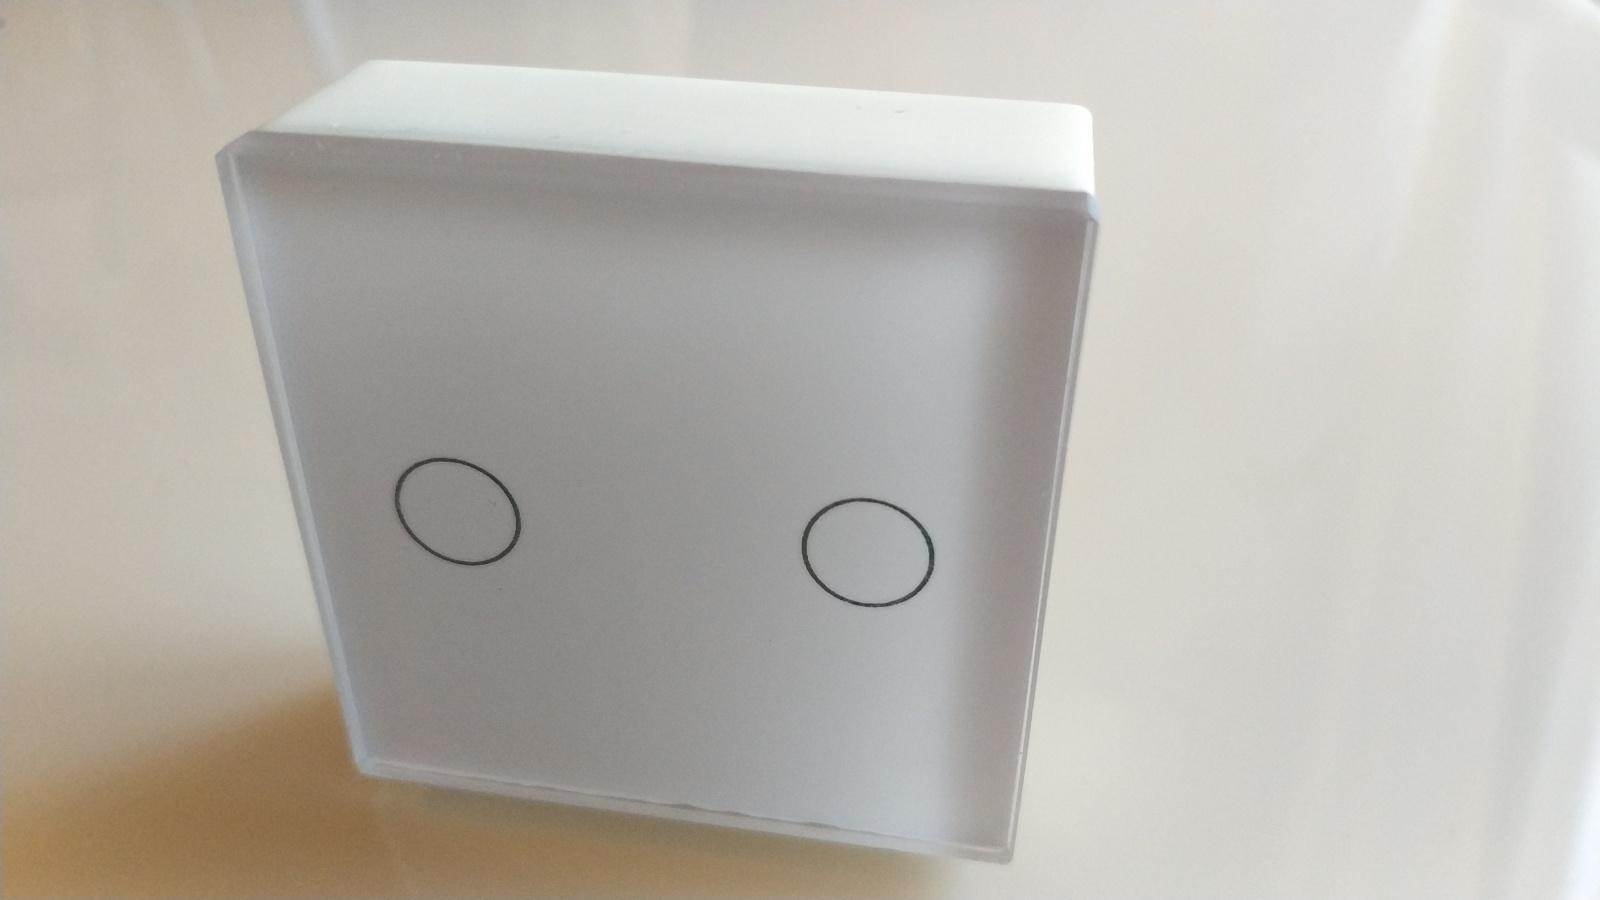 Сенсорный мини выключатель cо стеклянной панелью на nRF52832 - 7